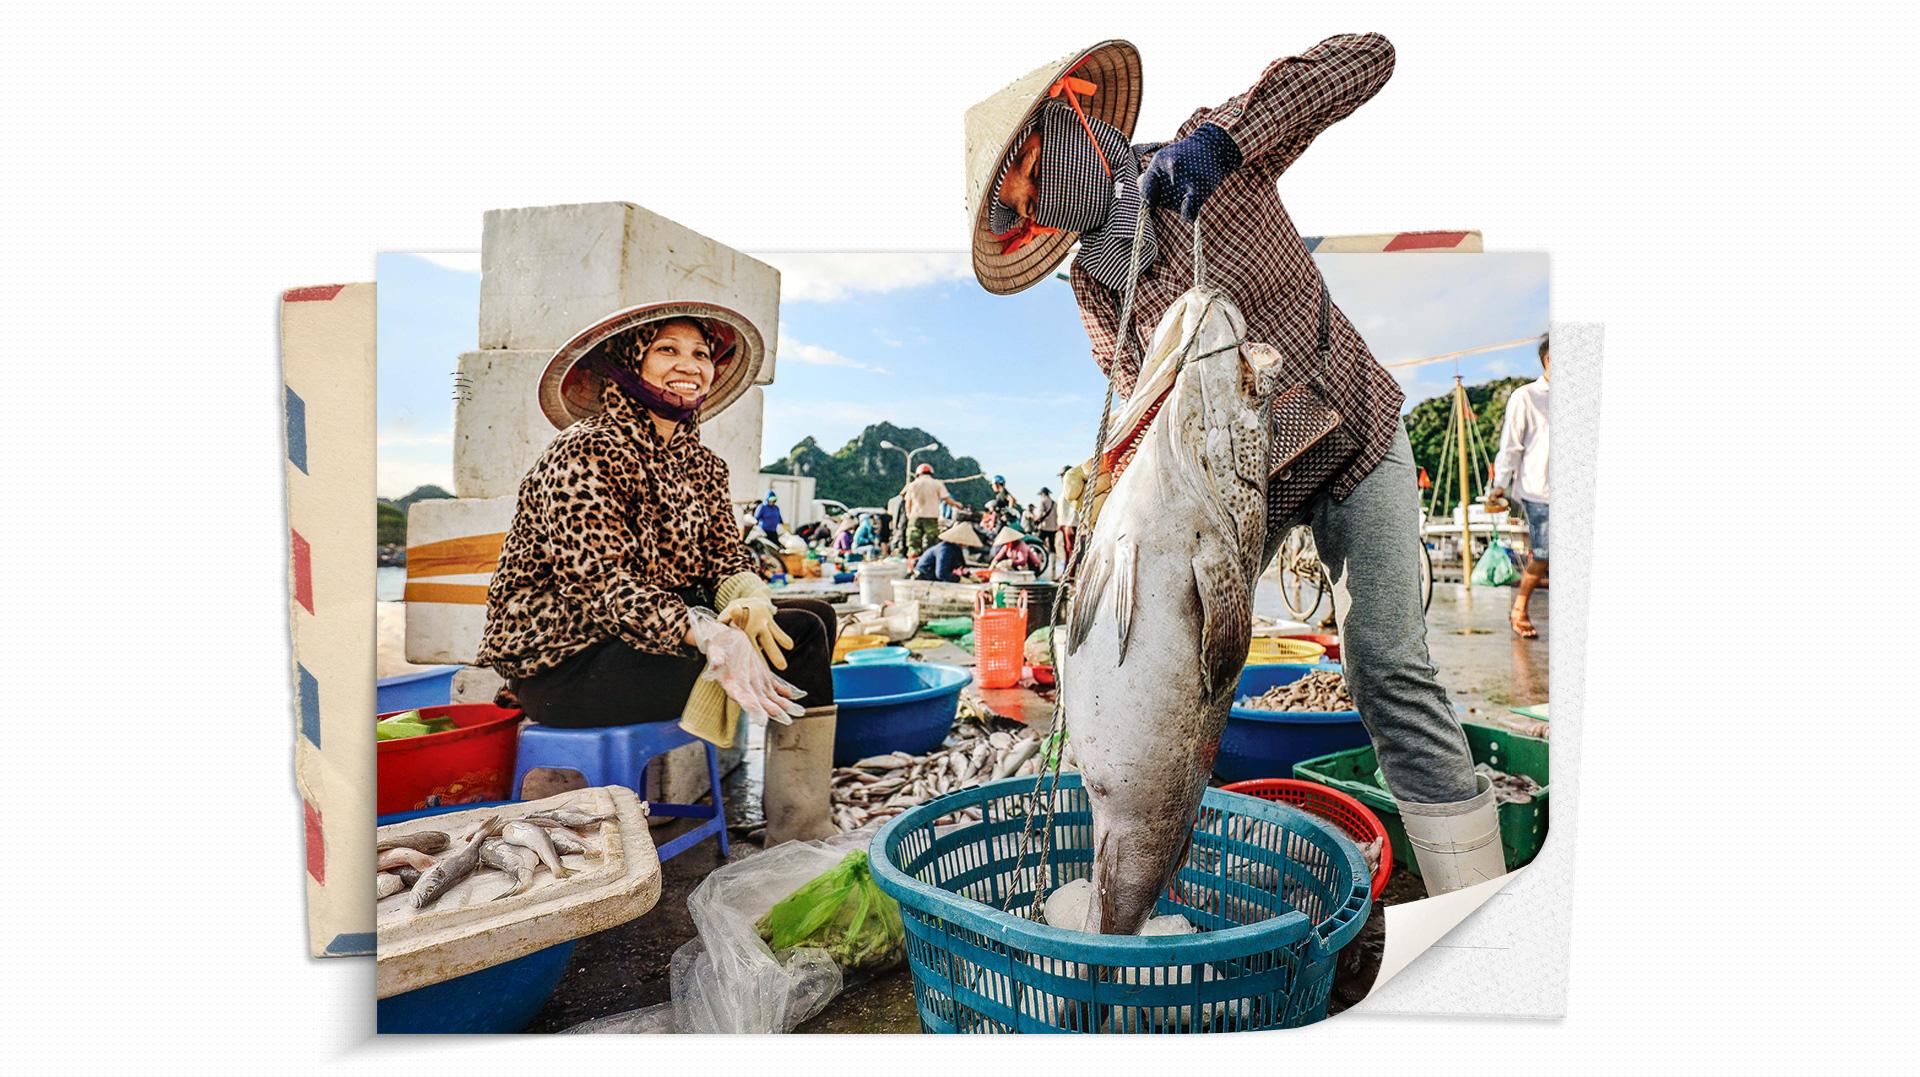 12 Huyện đảo Việt Nam chuỗi ngọc trên biển đông (P2)